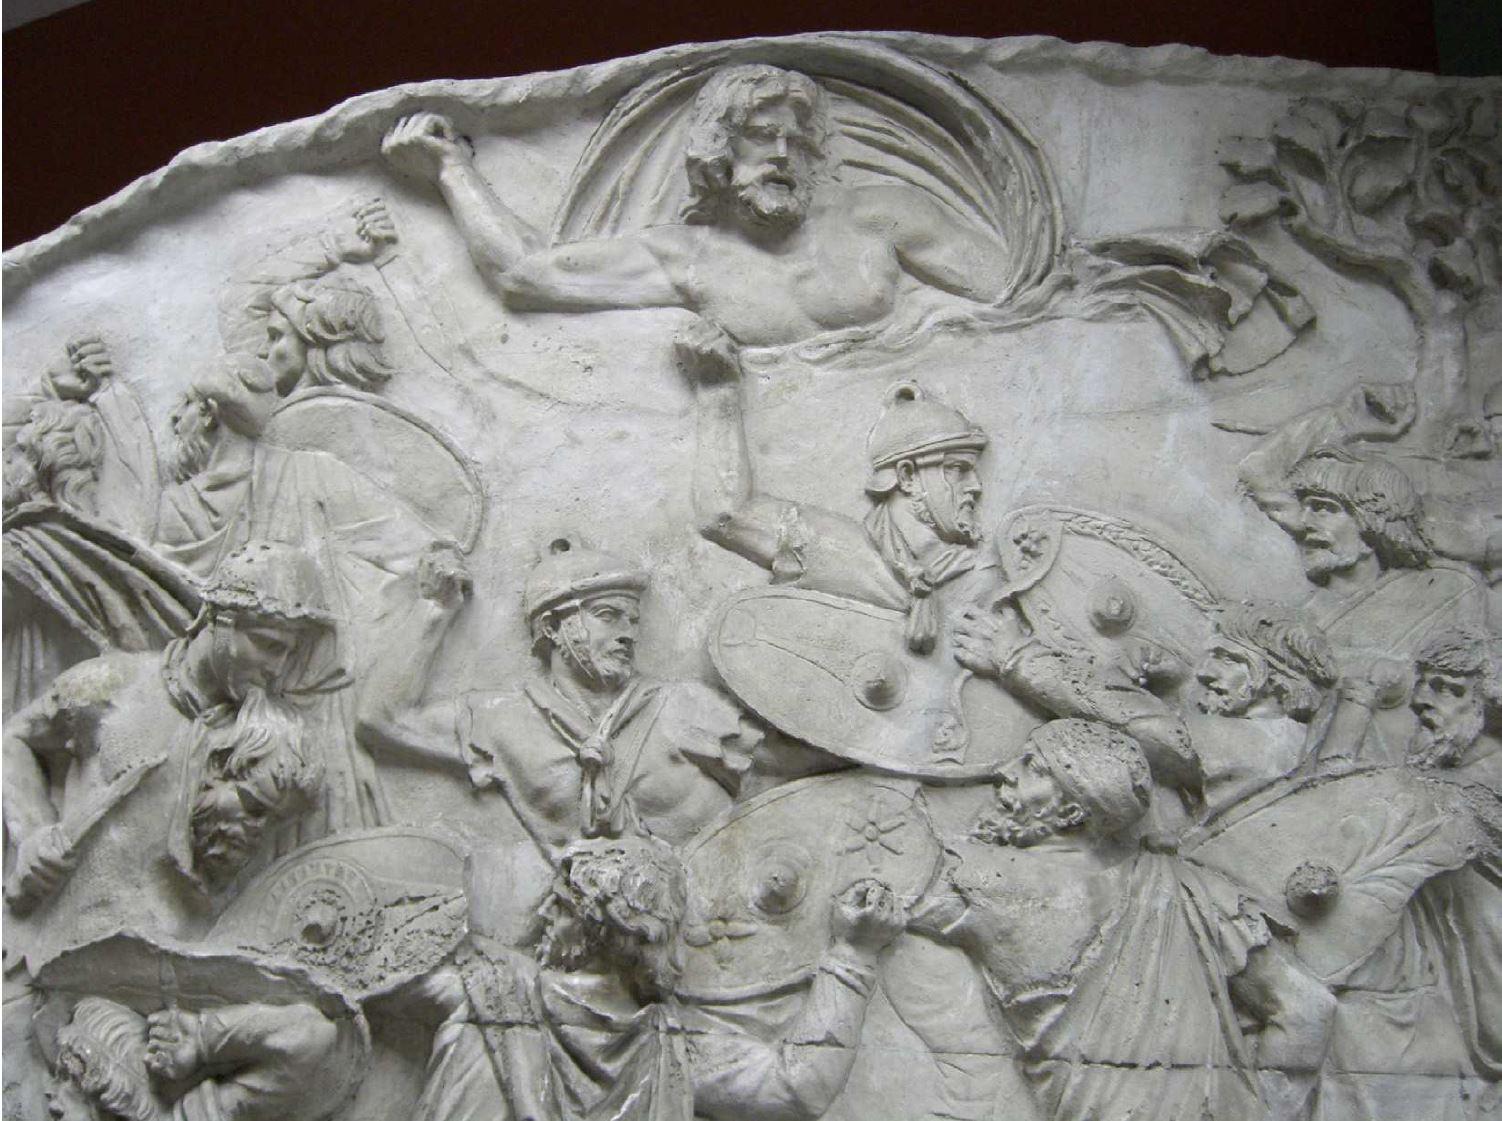 Caelus au dessus des soldats Colonne Trajane Rome